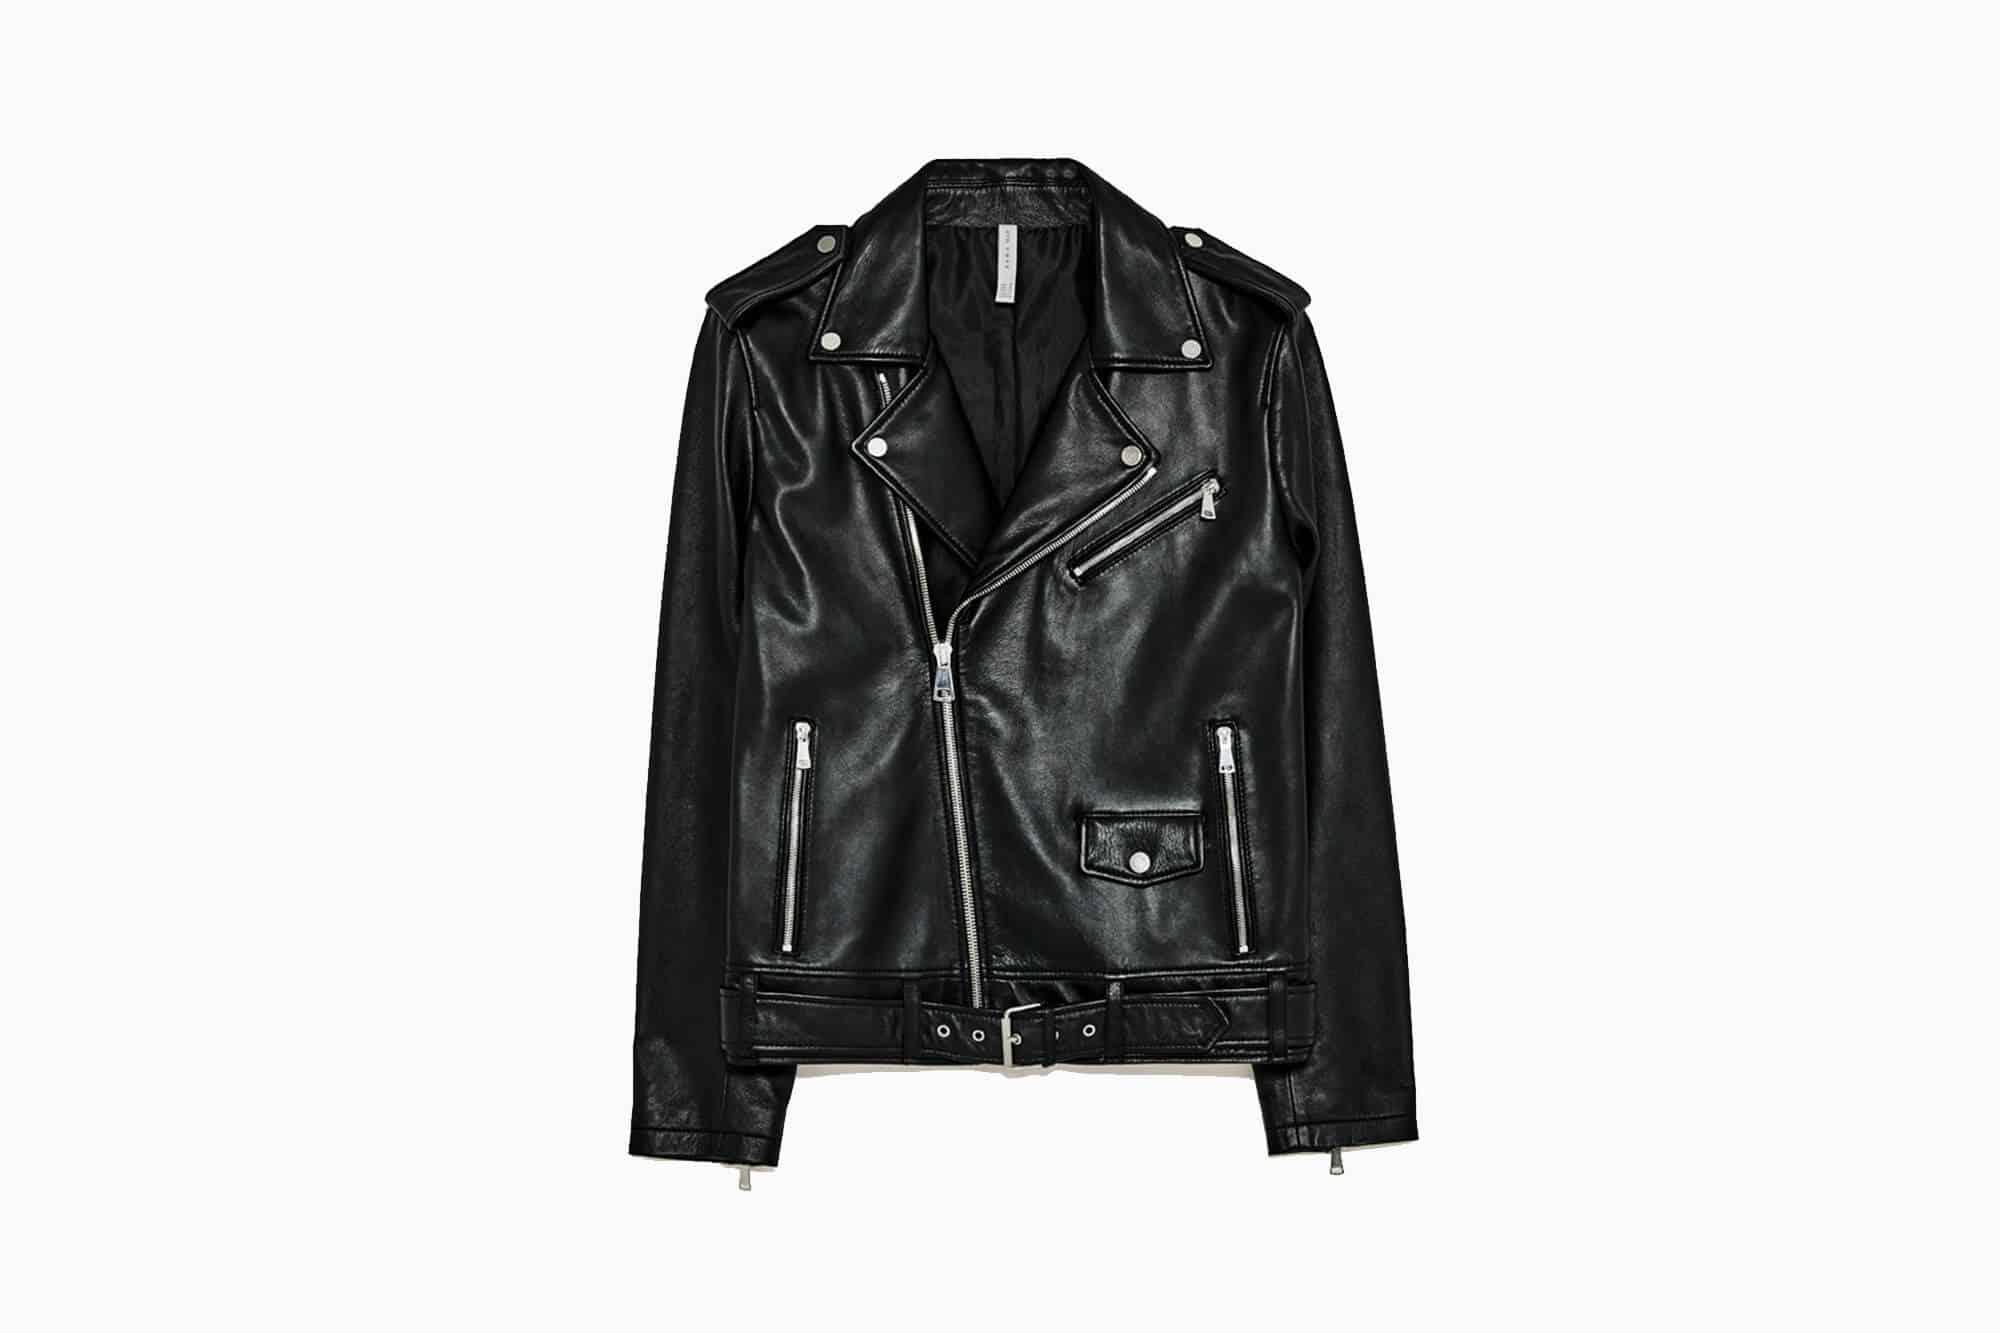 Beli Jaket Kulit Online atau Offline  Panduan Model Jaket Kulit Lengkap 3dafce0e94